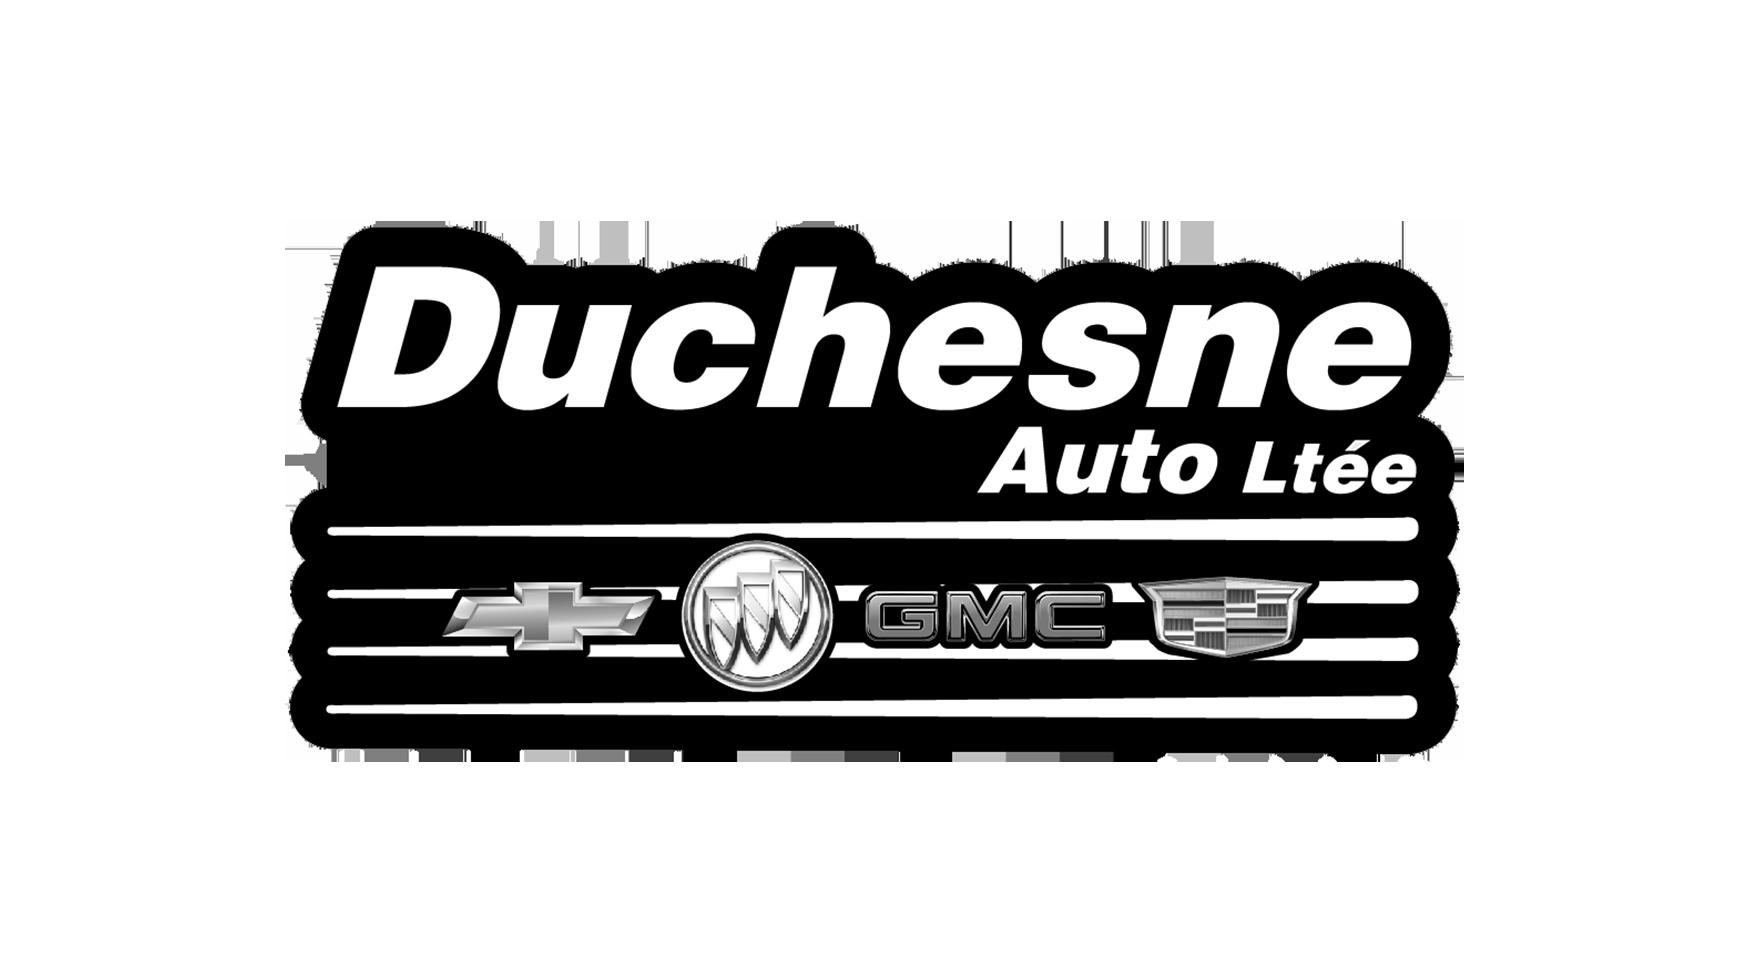 Logo Duchesne Auto